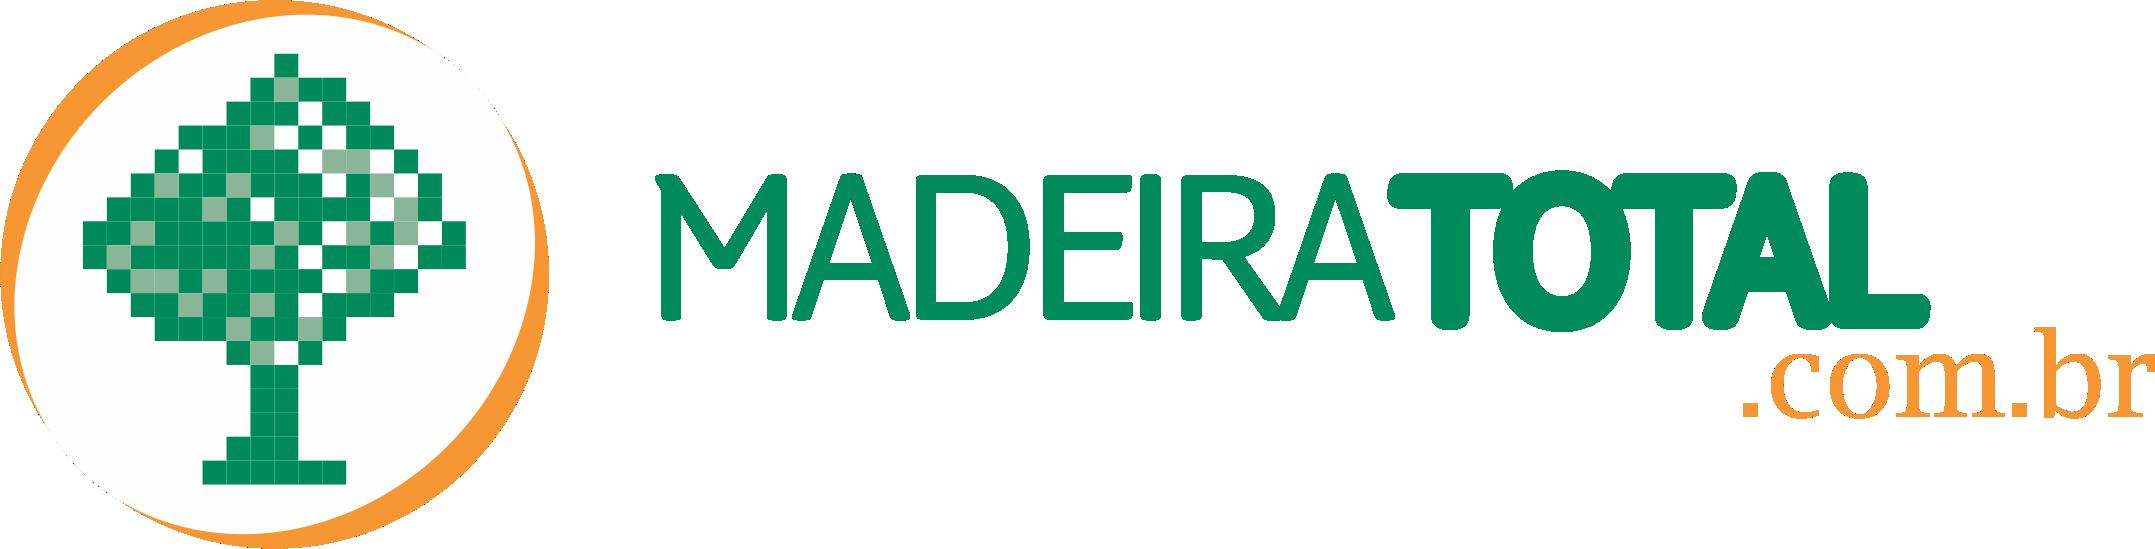 Logo da empresa Madeira Total.